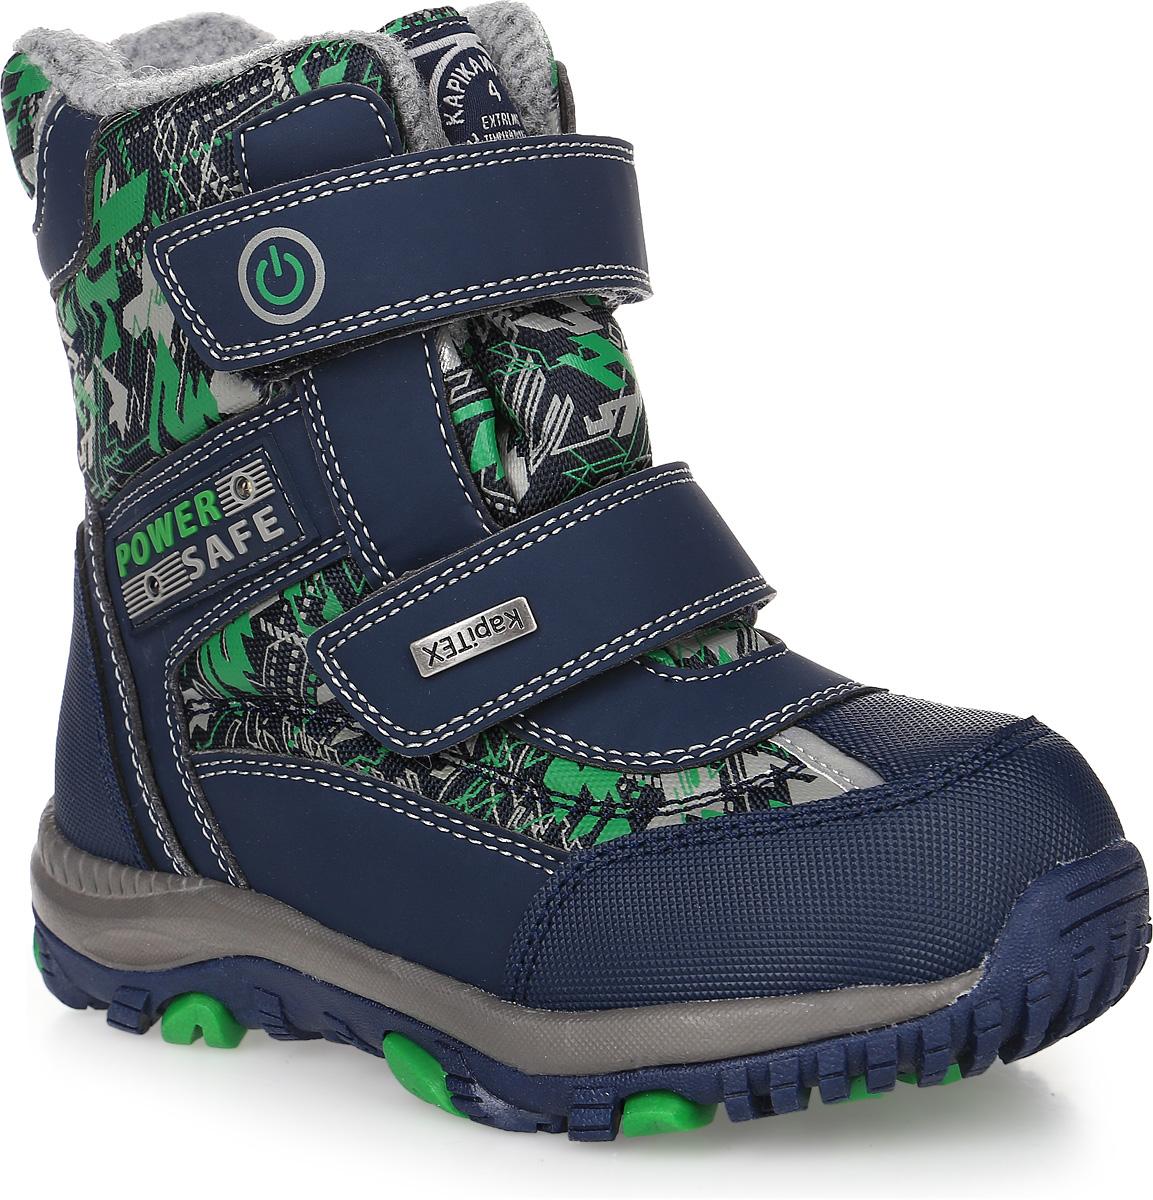 42187-1Ботинки от Kapika придутся по душе вашему мальчику. Модель идеально подходит для зимы, сохраняет комфортный микроклимат в обуви как при ношении на улице, так и в помещении. Верх обуви изготовлен из искусственной кожи со вставками из водонепроницаемого текстиля, оформленного абстрактным принтом, боковая сторона, язычок и верхний ремешок оформлены фирменным логотипом бренда. Два ремешка на застежке-липучке надежно зафиксируют изделие на ноге. Подкладка и стелька изготовлены из шерсти, что позволяет сохранить тепло и гарантирует уют ногам. Подошва с рифлением обеспечивает идеальное сцепление с любыми поверхностями. Такие чудесные ботинки займут достойное место в гардеробе вашего ребенка.